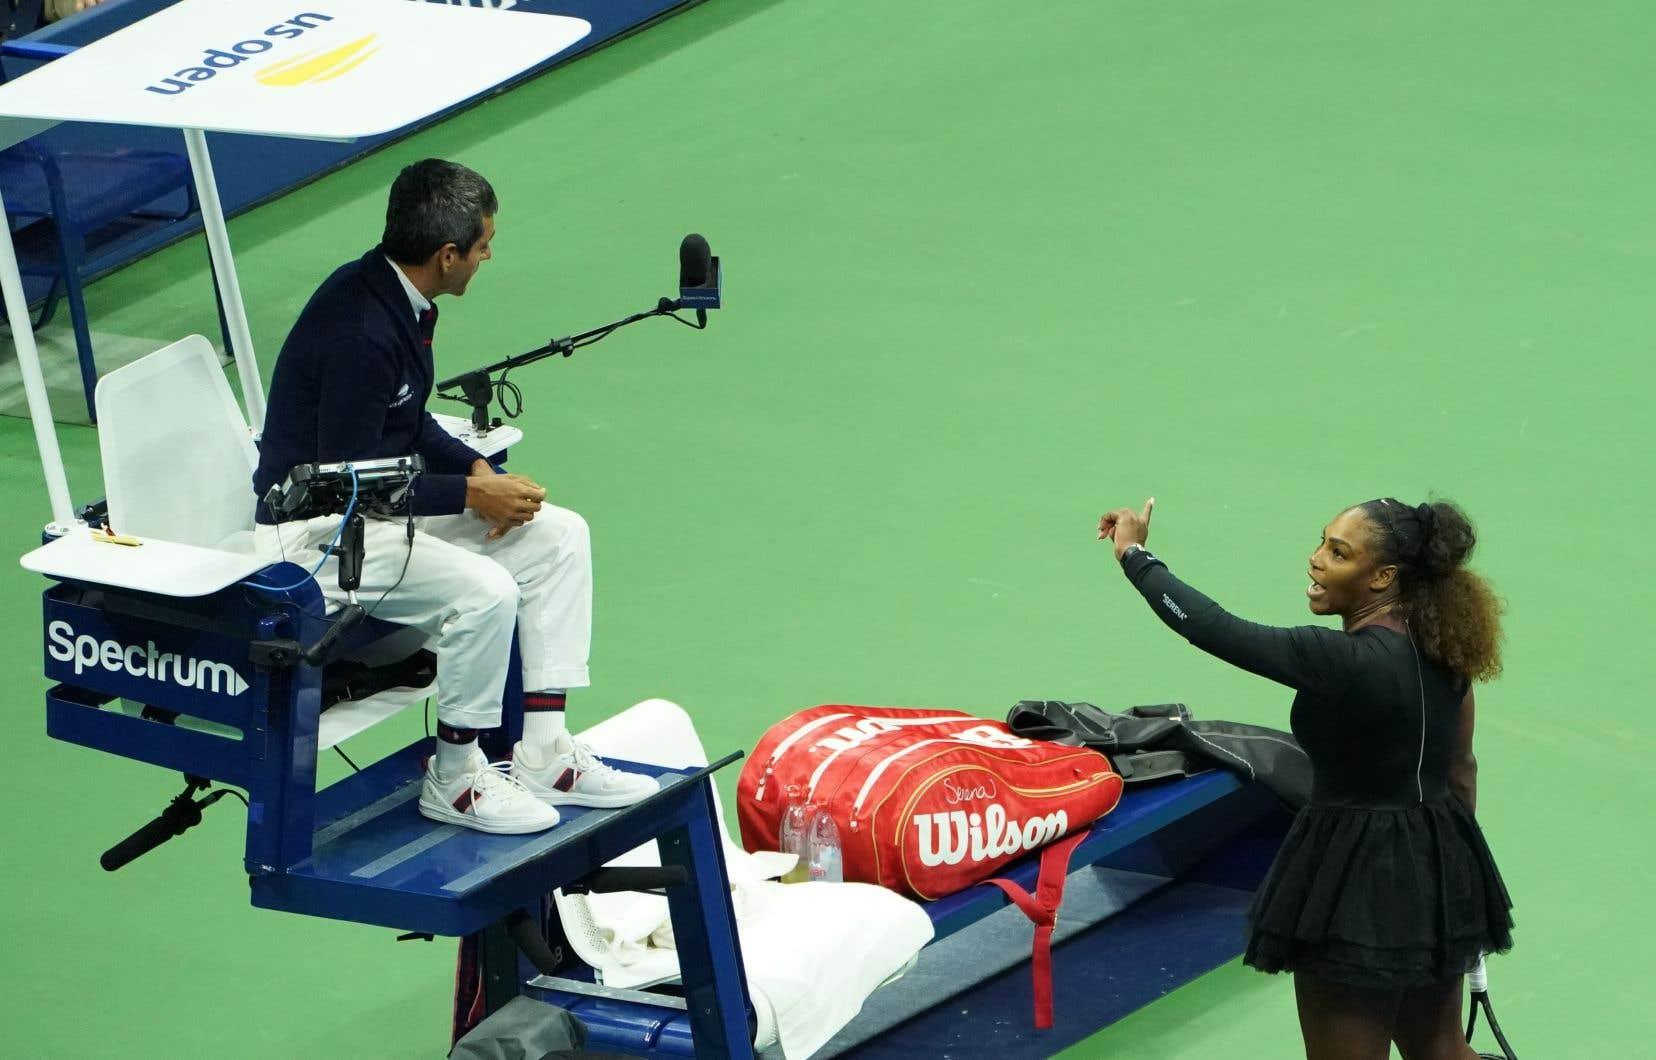 L'Américaine Serena Williams argumente avec l'arbitre Carlos Ramos alors qu'elle jouait contre la Japonaise Naomi Osaka lors de leur finale de simple féminin de l'US Open de 2018 le 8 septembre 2018 à New York.